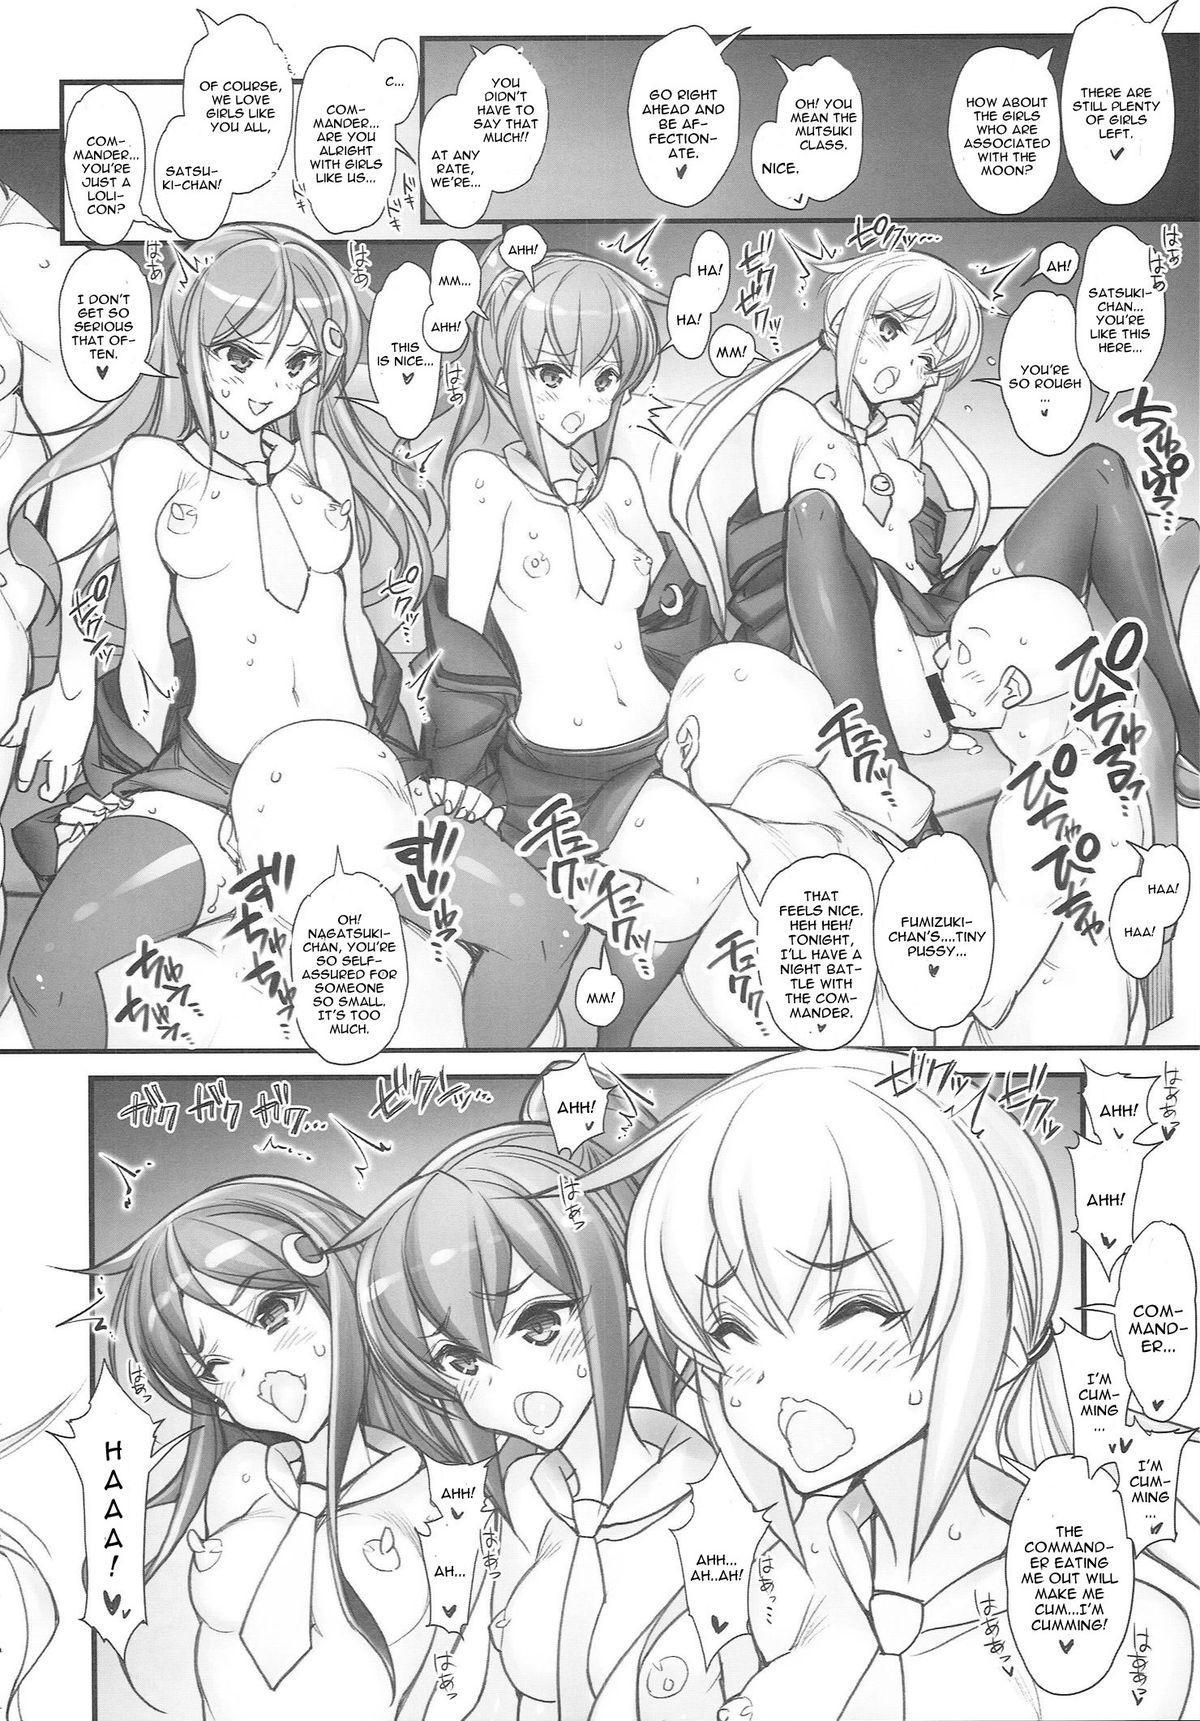 (CT25) [Kashiwa-ya (Hiyo Hiyo)] KanColle -SEX FLEET COLLECTION- Kan-musu Catalog (Kantai Collection -KanColle-) [English] [CGRascal] 10